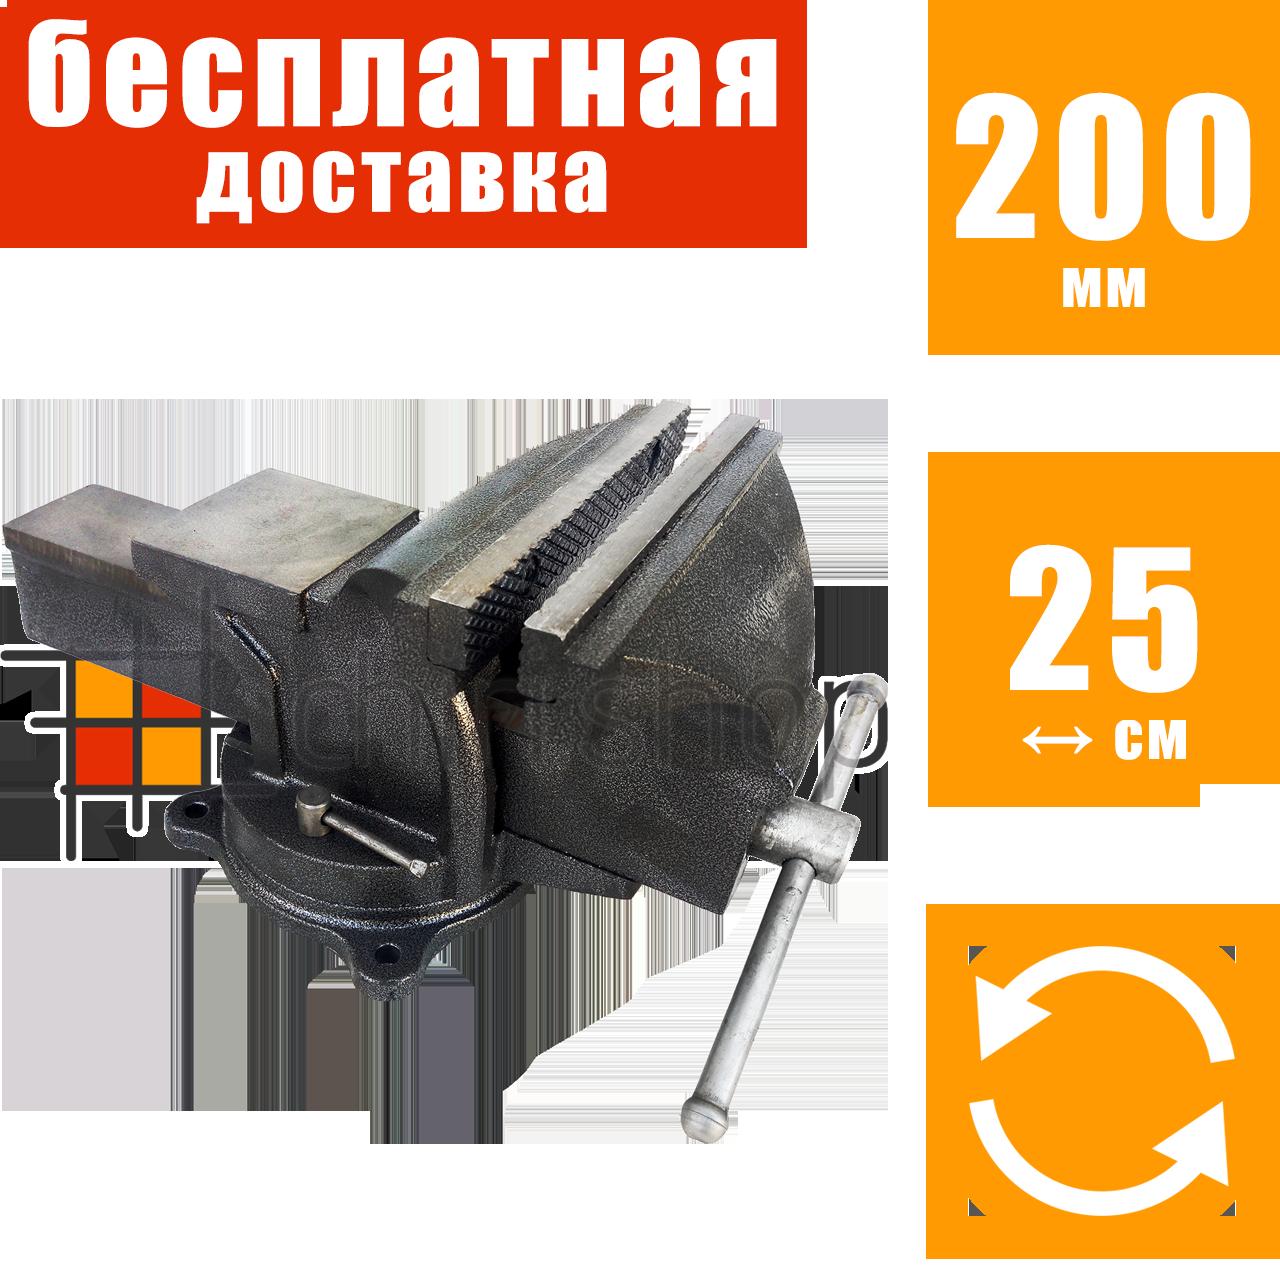 Тиски слесарные поворотные 200 мм / 8″ Mar-Pol, чугунные тисы слесарные с наковальней